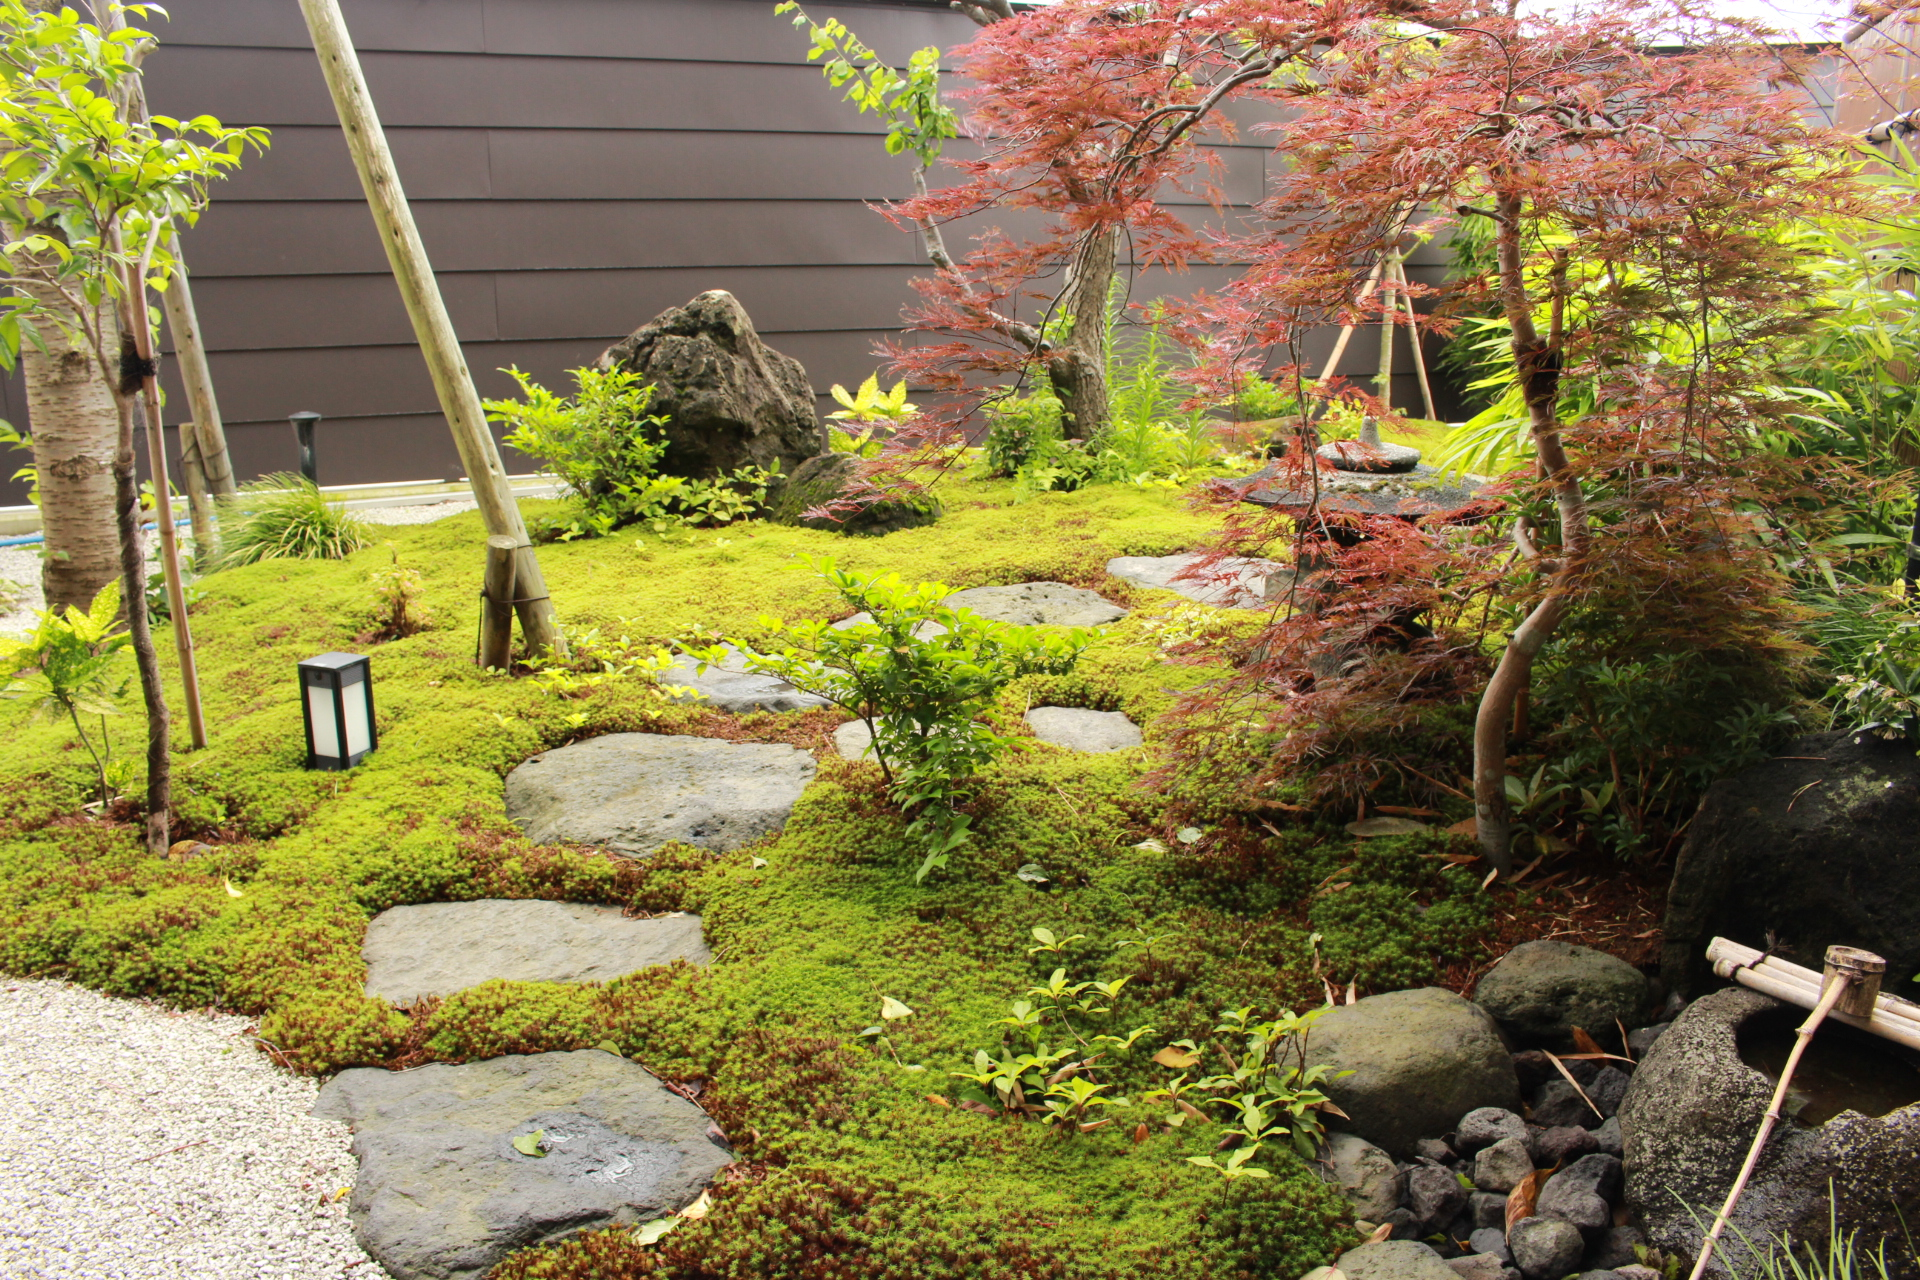 和室の窓から見える苔の庭では季節ごとに違った景色を楽しめます。